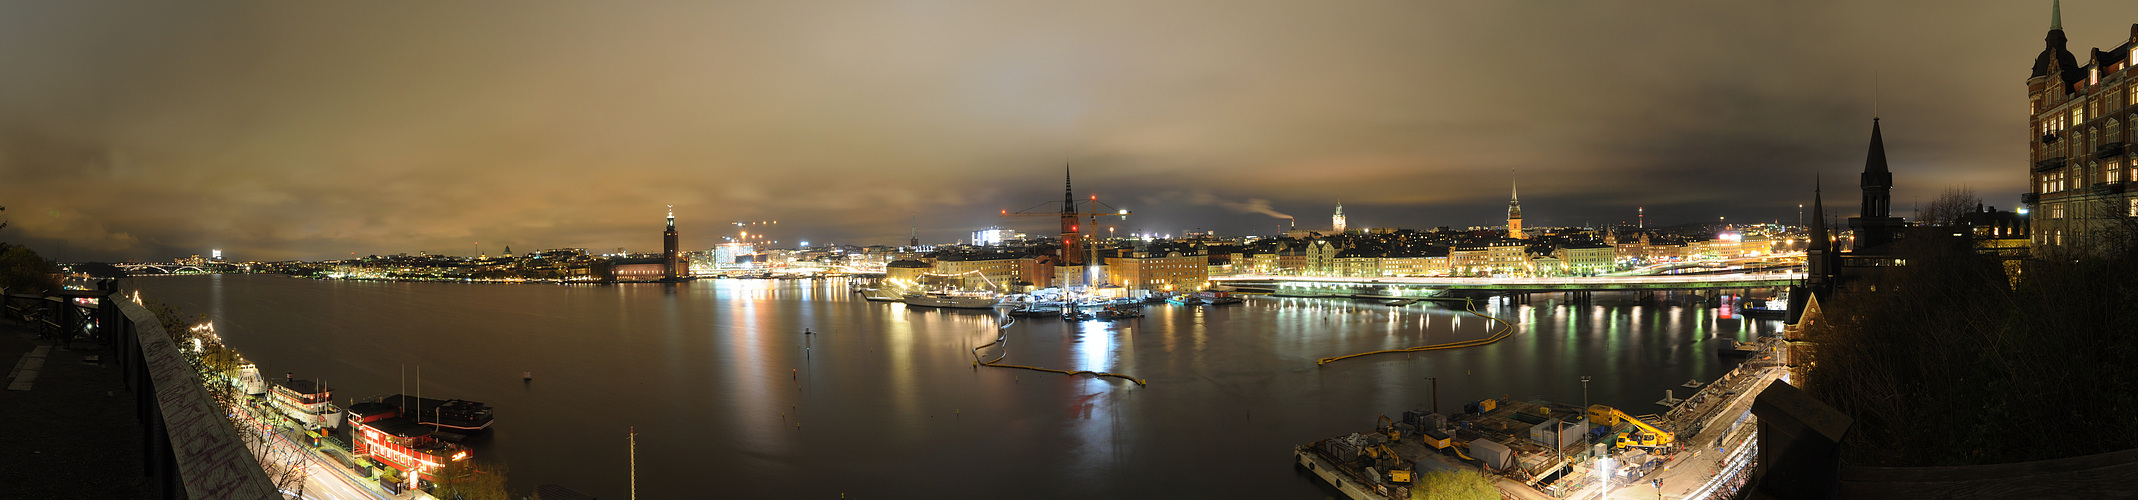 über Stockholm bei nacht 1